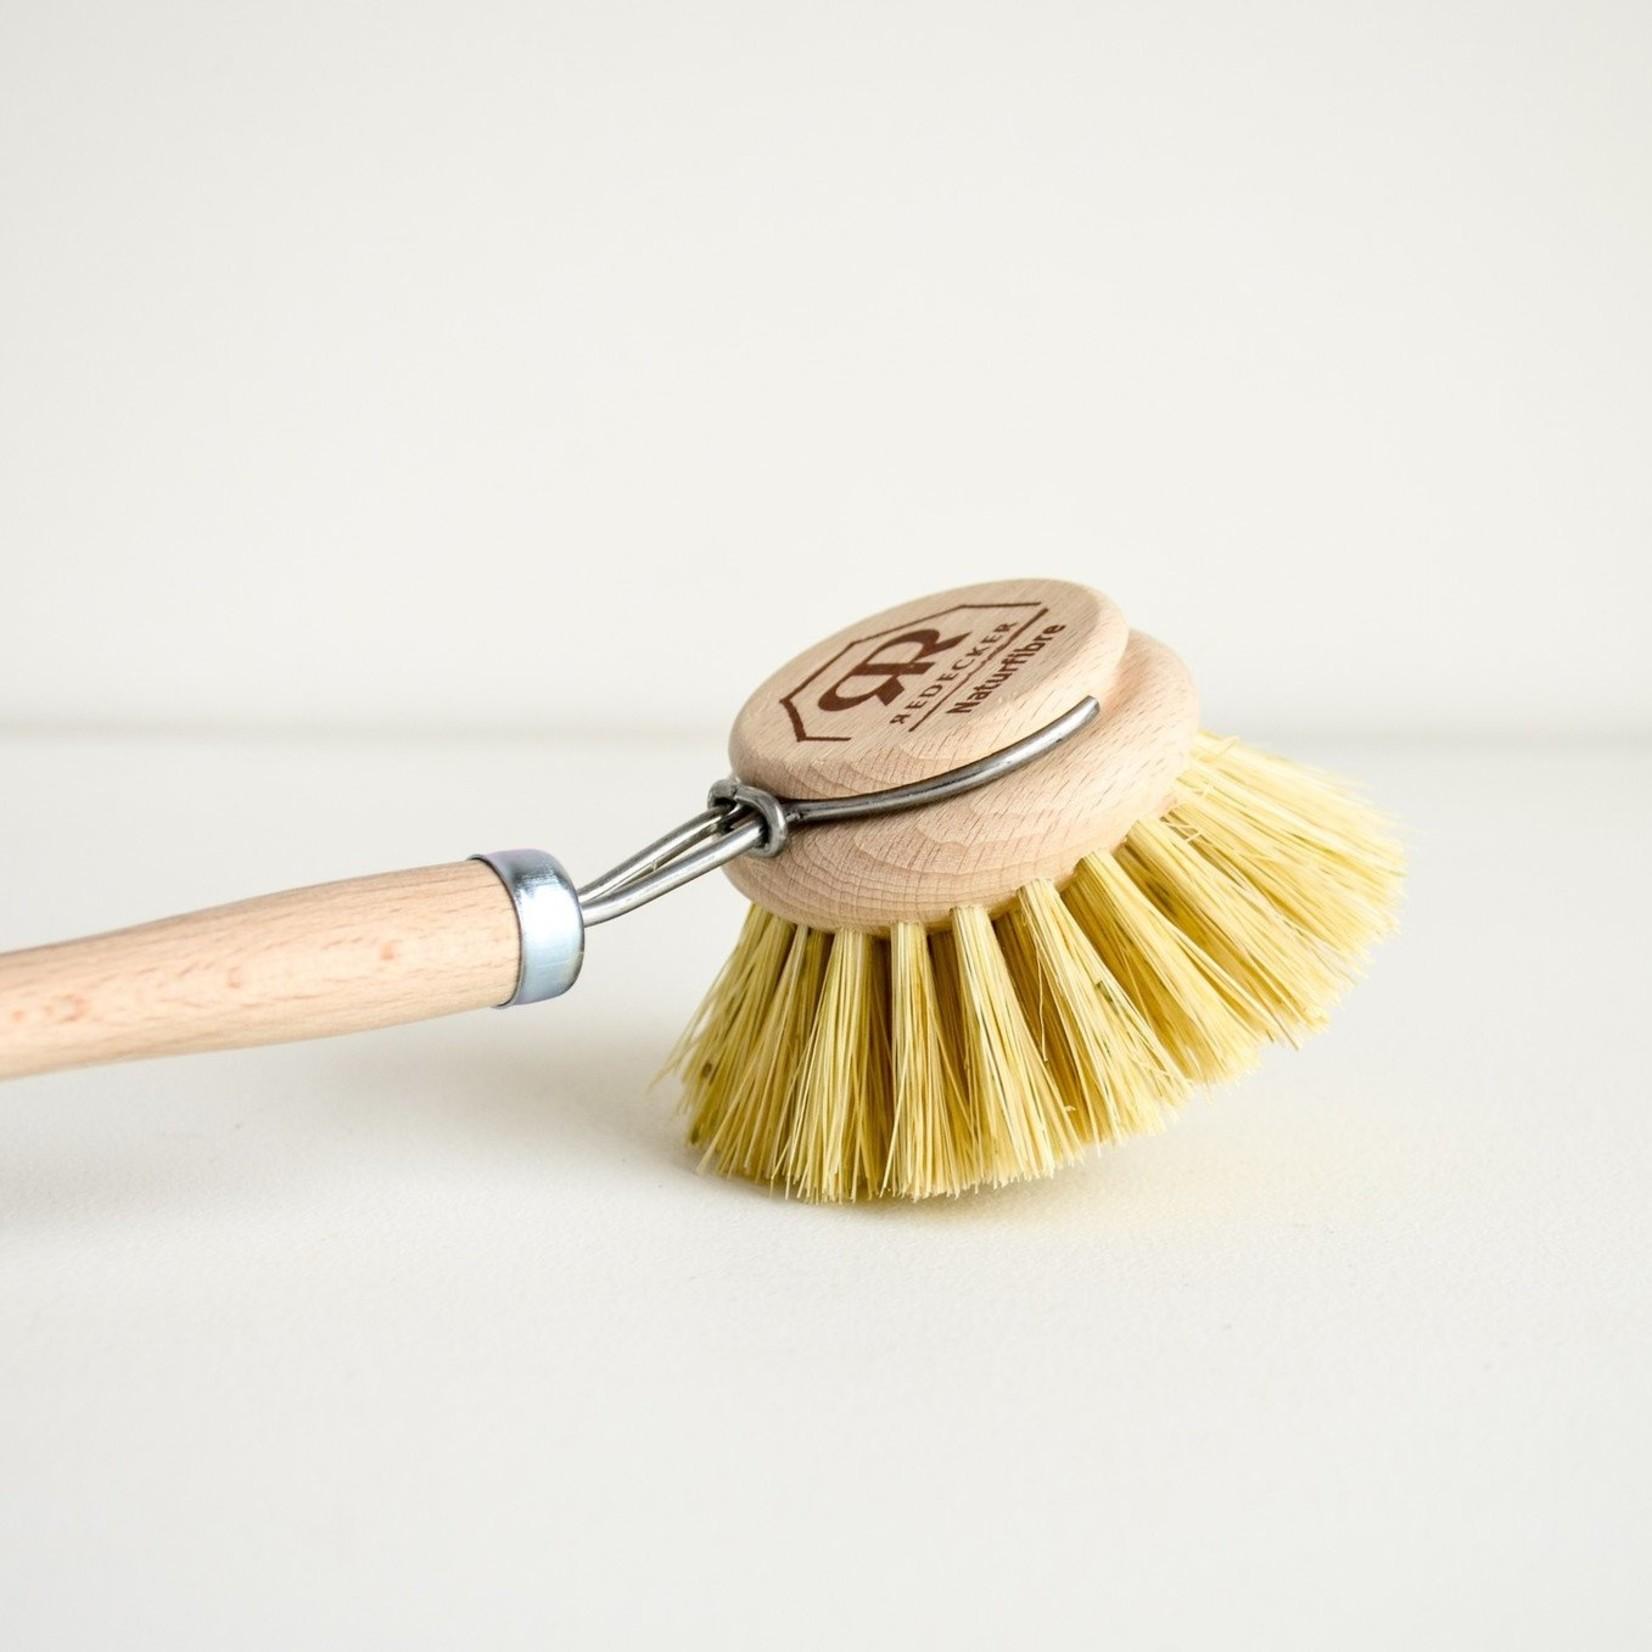 Redecker Dishwash Brush